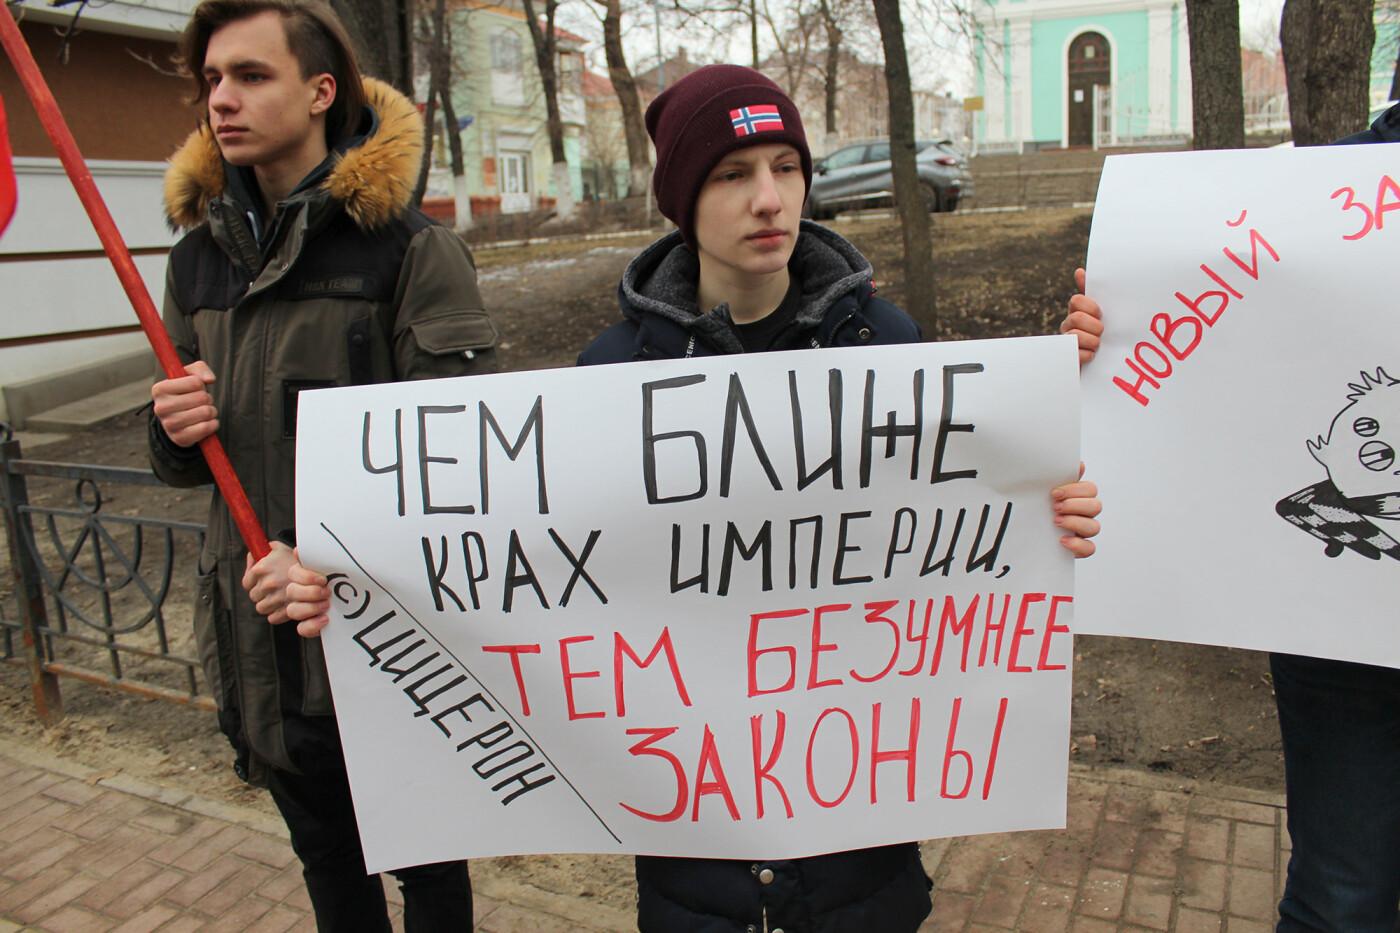 «Успей покритиковать власть в последний раз». Белгородские активисты пикетировали новые законы , фото-5